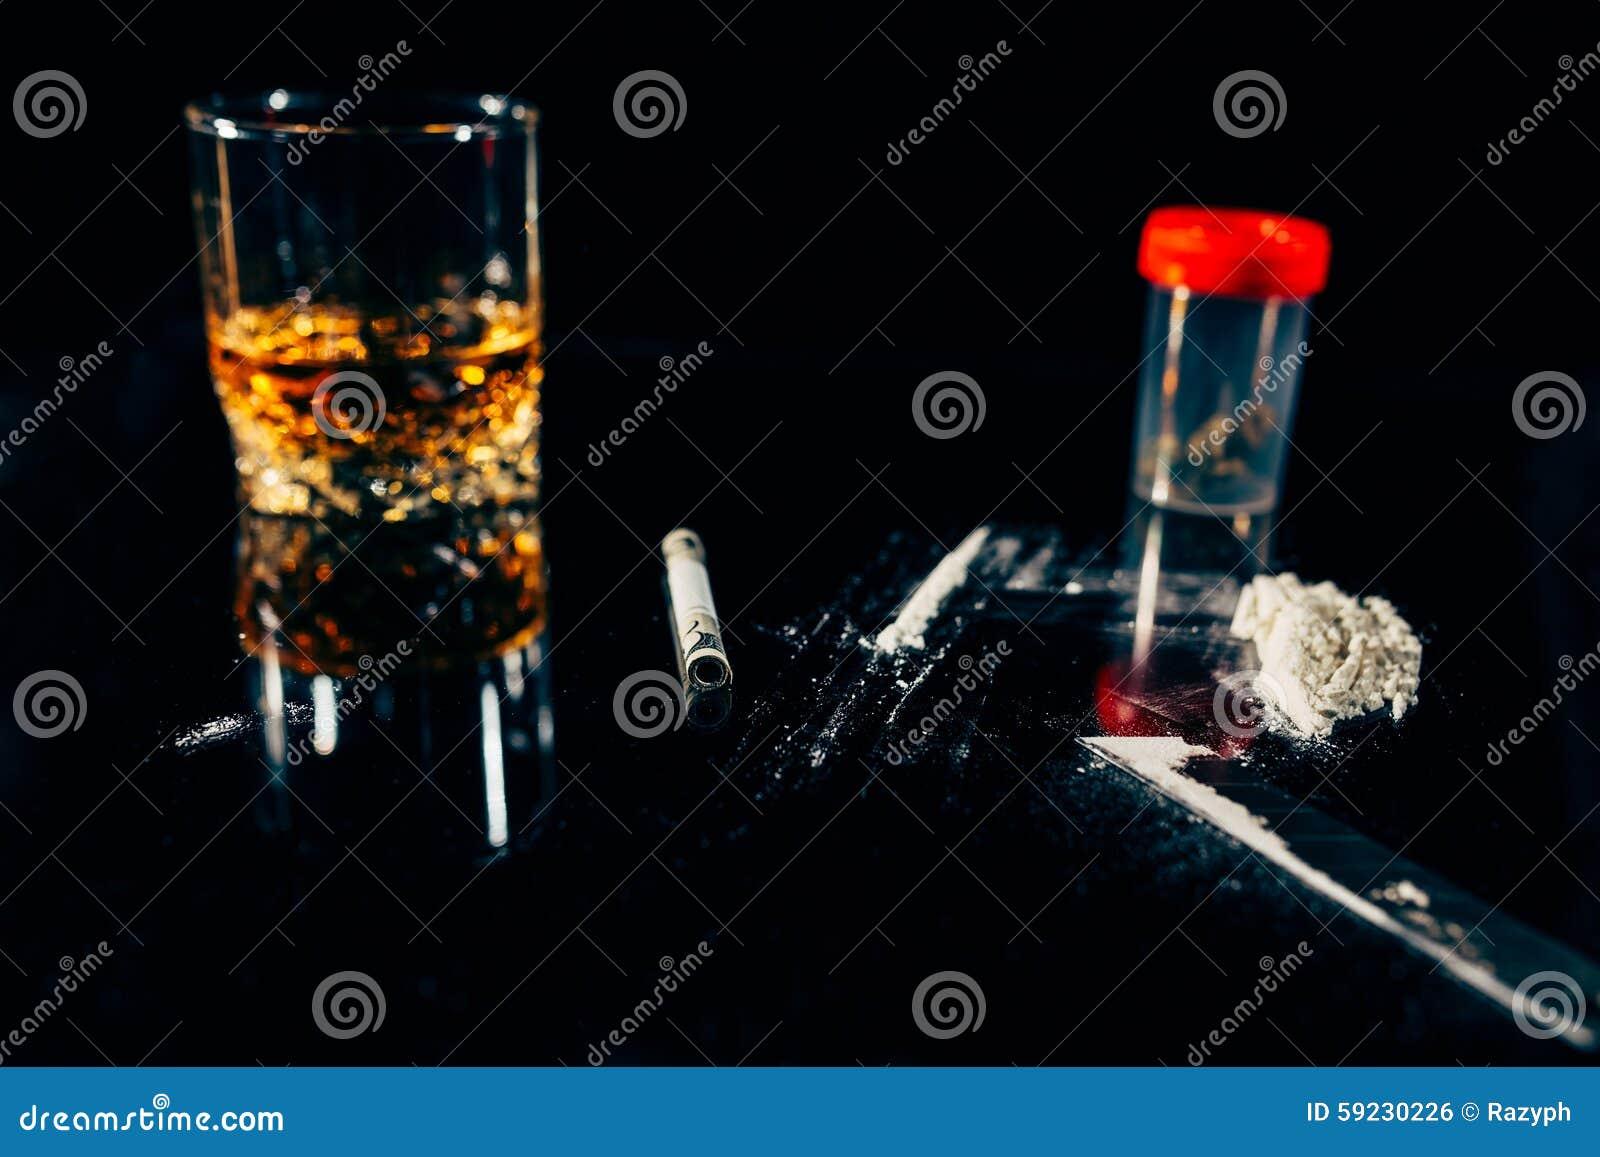 Download Drogas ilegales y vicios foto de archivo. Imagen de destrucción - 59230226